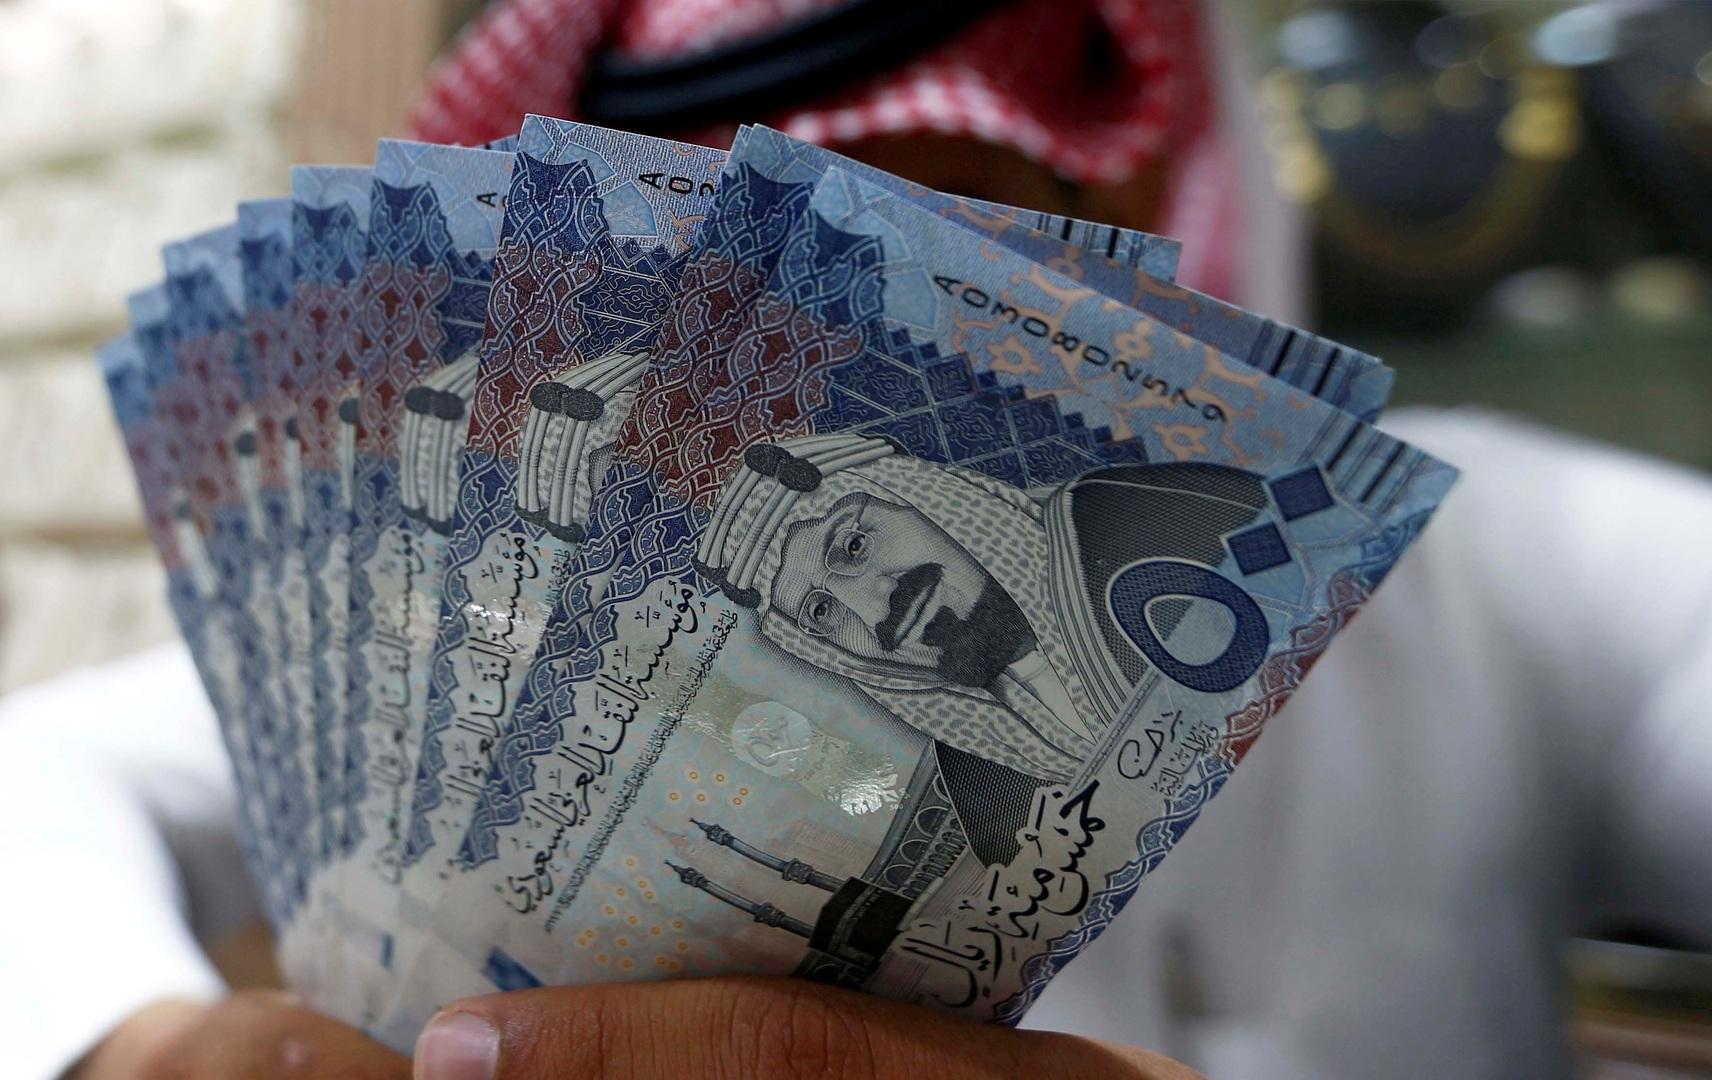 أخيرا تحقق النجاح.. حدث غير بنية الاقتصاد السعودي